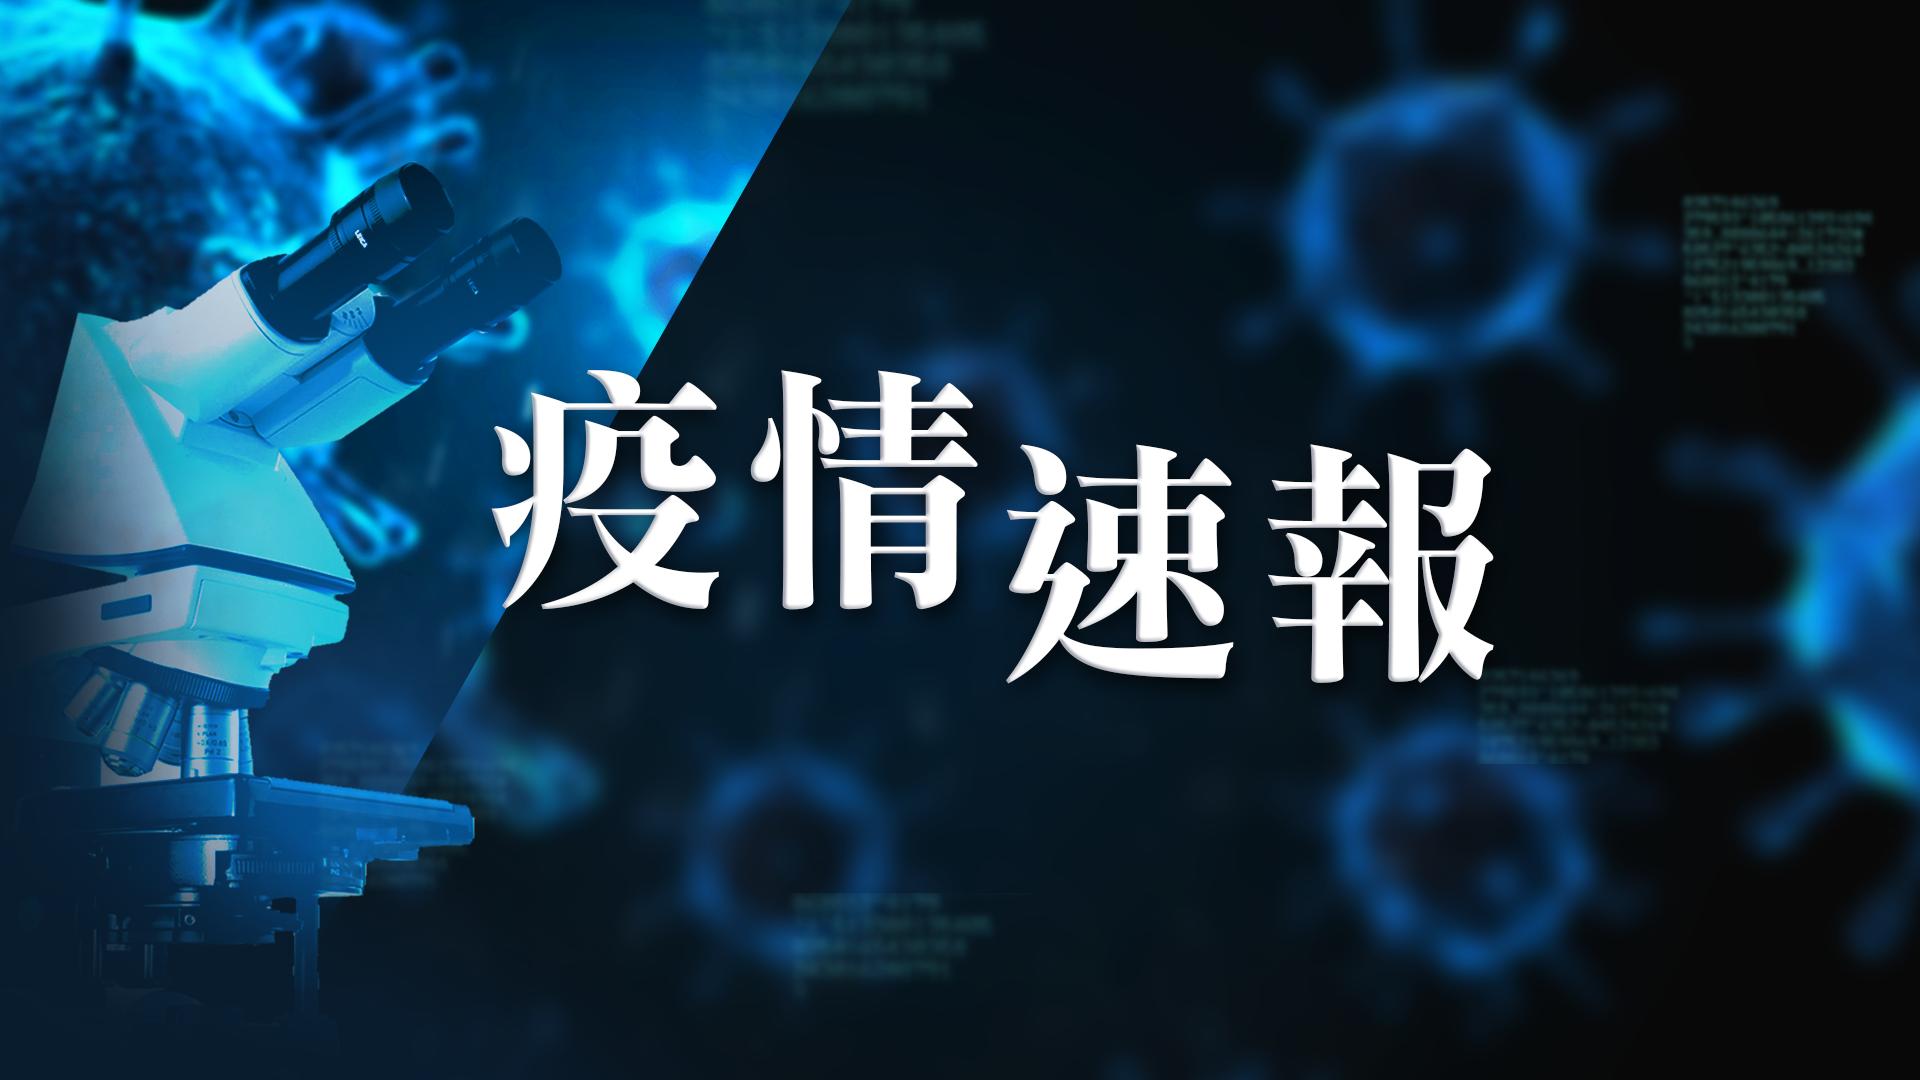 【1月29日疫情速報】(13:45)